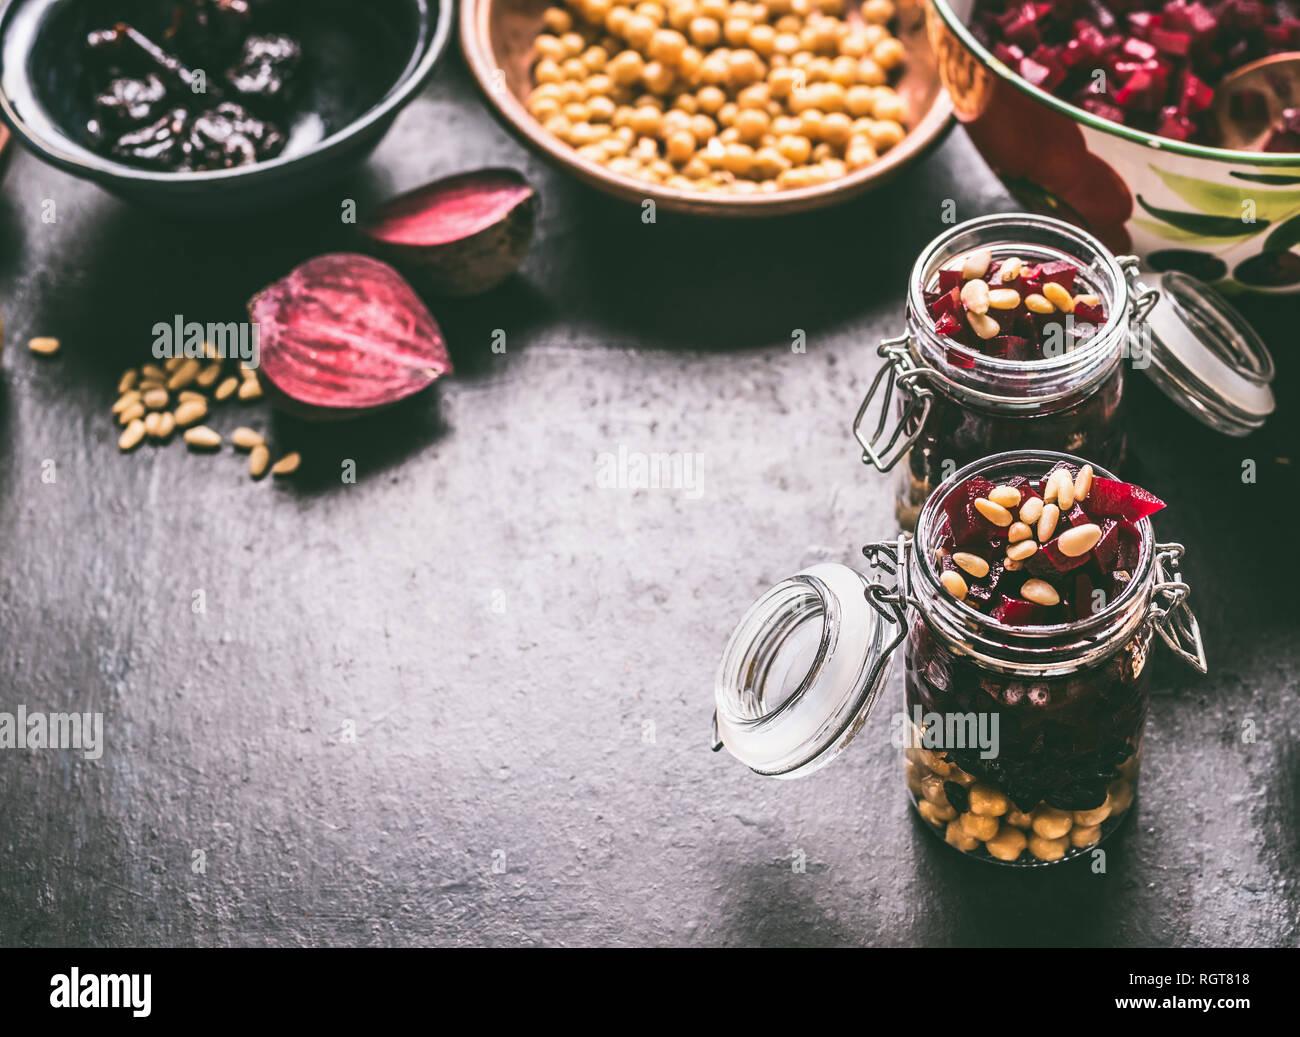 Gesund Vegan Rote Bete Salat Mit Kichererbsen Und Pinienkerne In